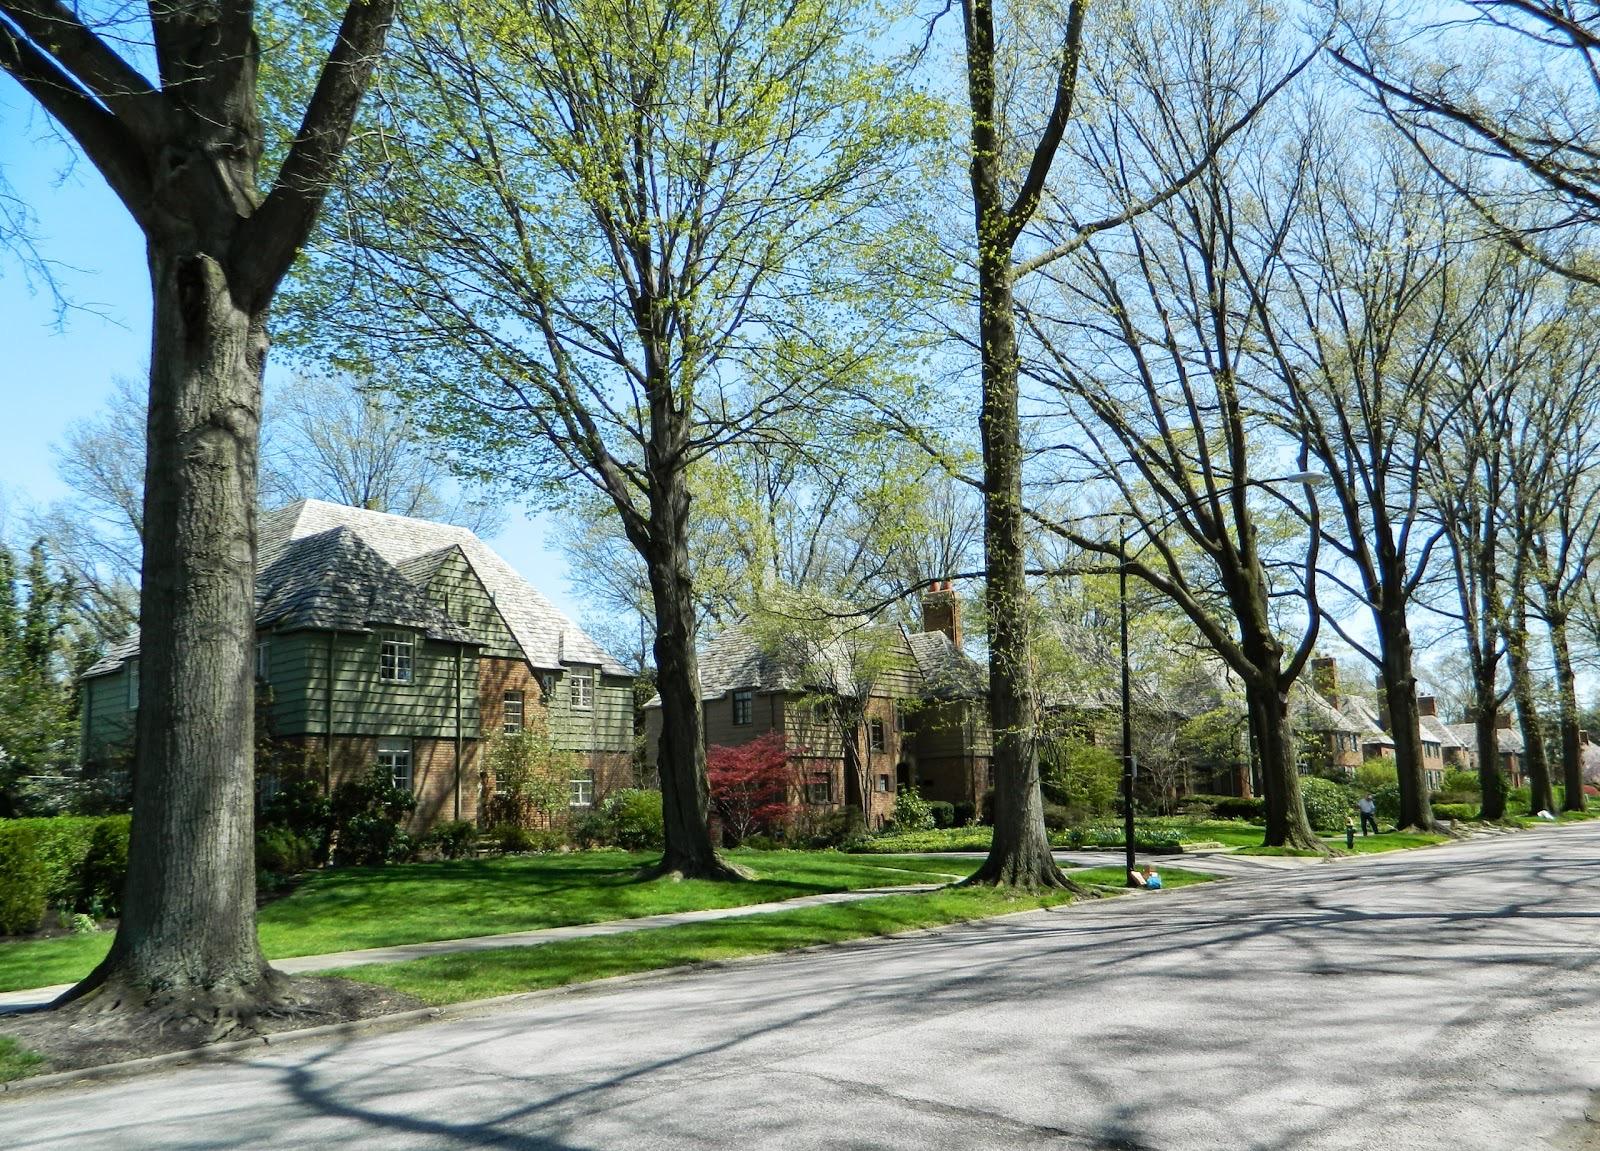 20130430095 E Cleveland Forest Hills Brewster Rd.jpg